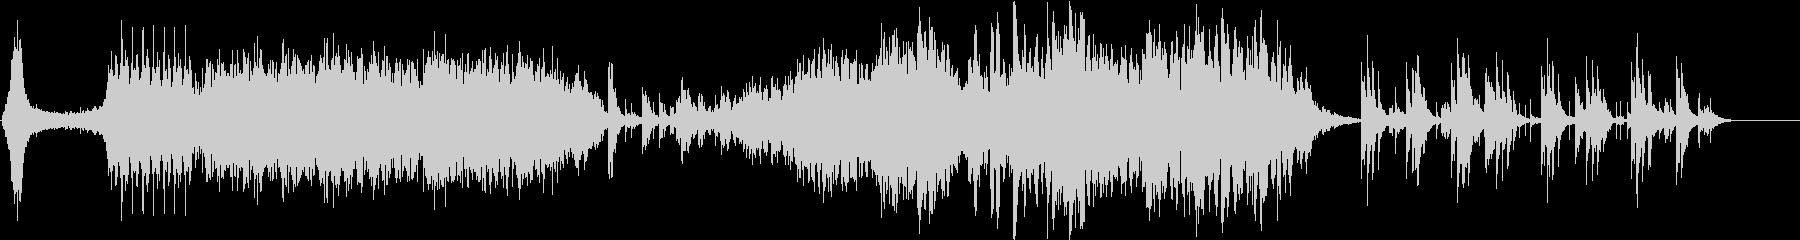 【ファンタジー】民族楽器・ストリングスの未再生の波形